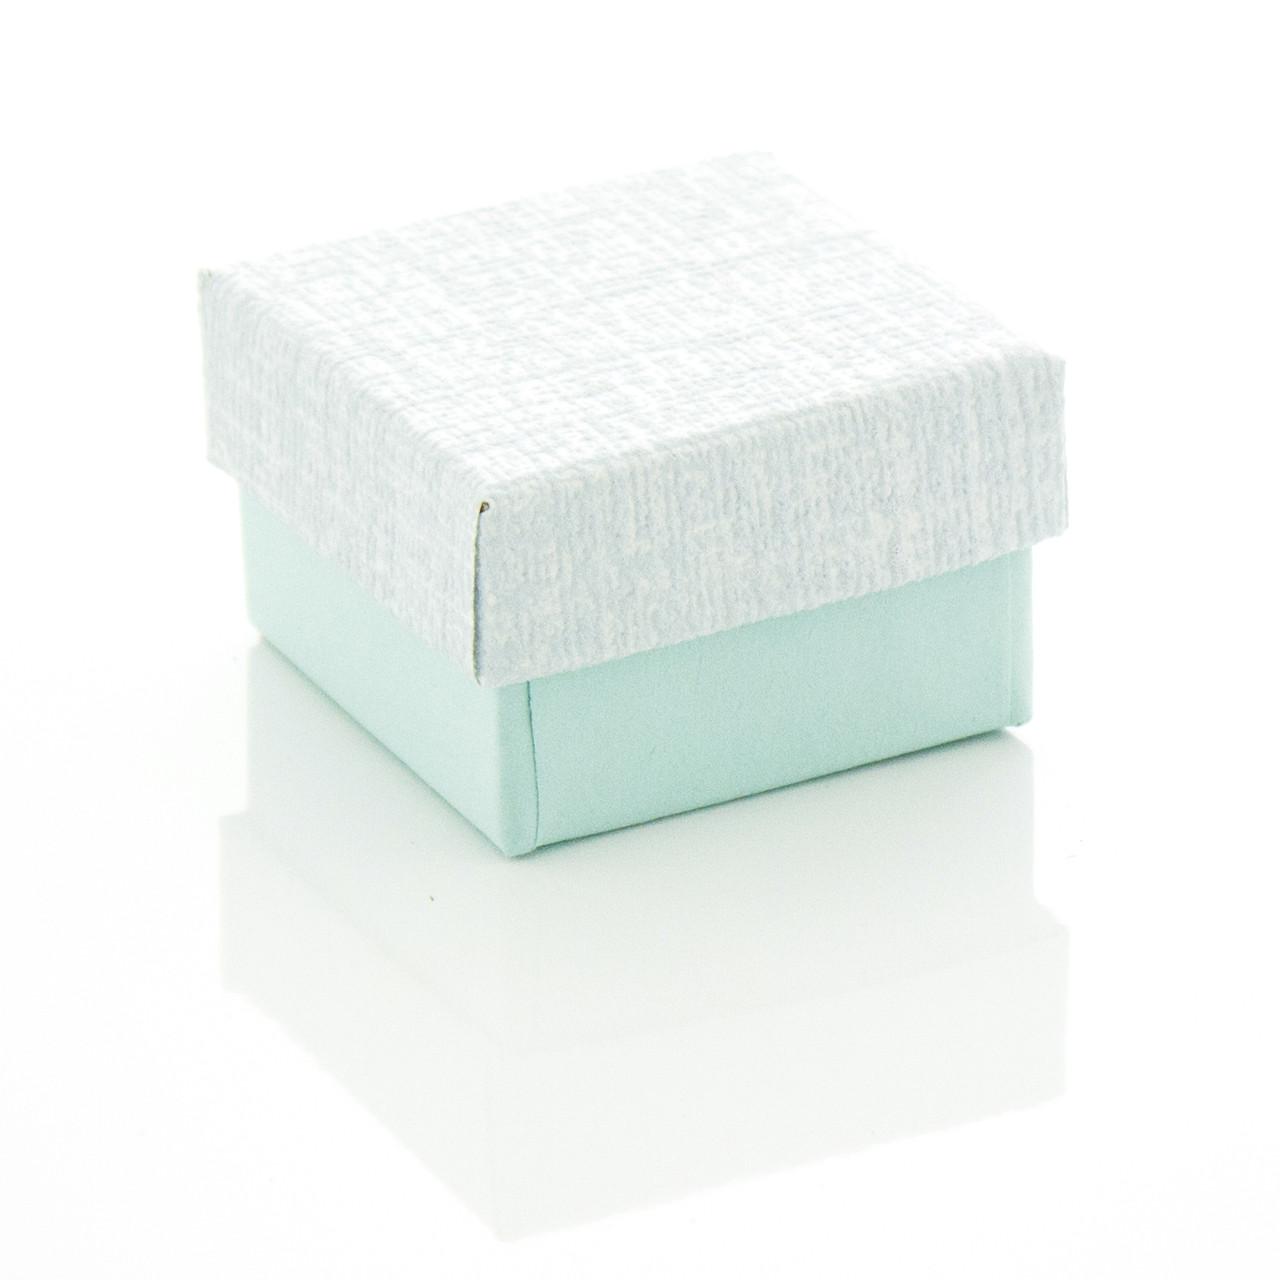 Подарочная коробочка под бижутерию нежных пастельных цветов 4 х 4 х 2.5 см Мятная